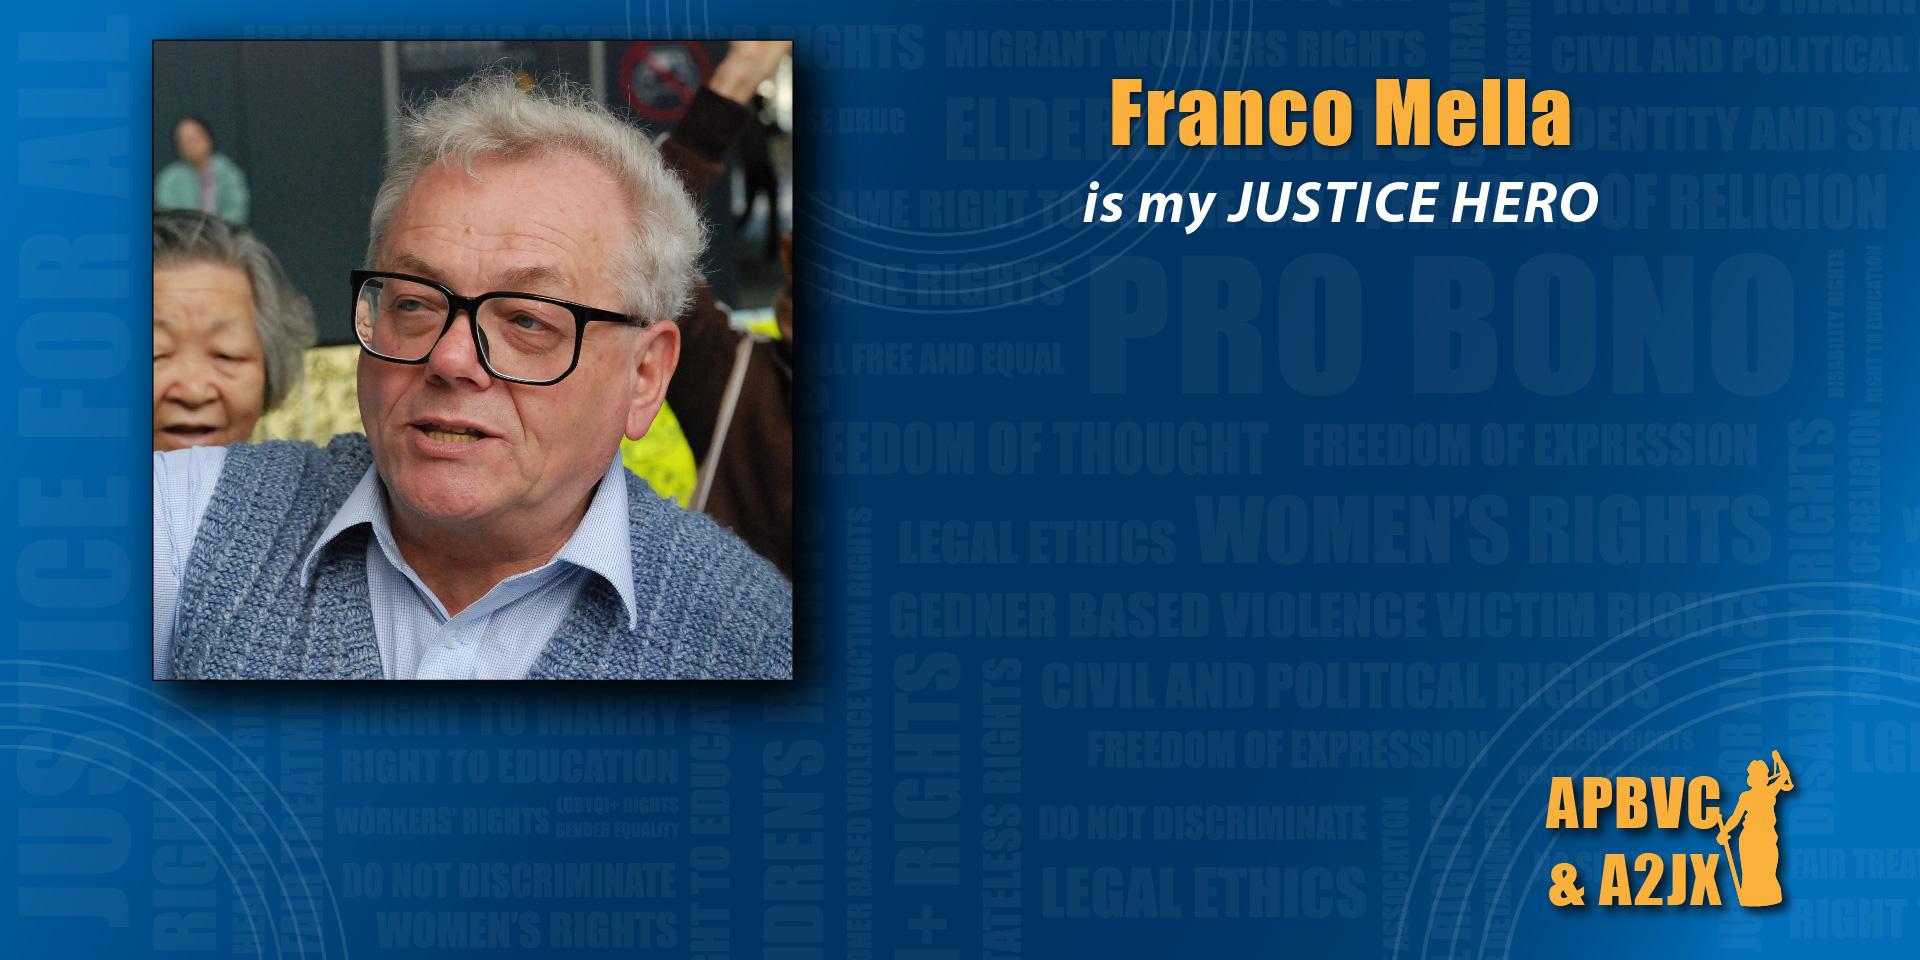 Franco Mella